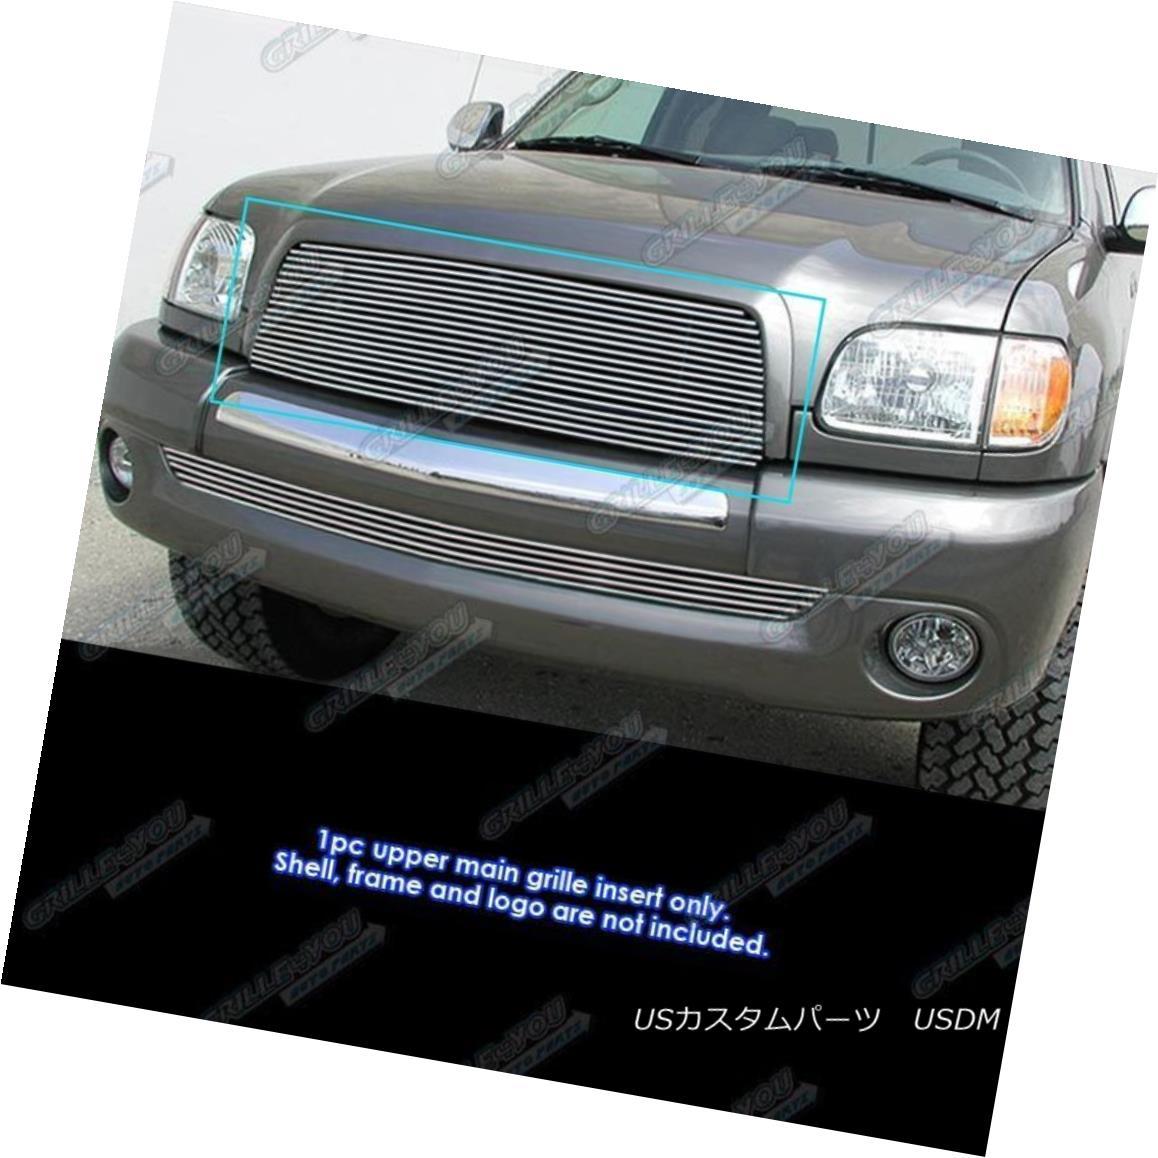 グリル Fits 2003-2006 Toyota Tundra Main Upper Billet Grille Grill Insert 2003-2006 Toyota Tundraメインアッパービレットグリルグリルインサート